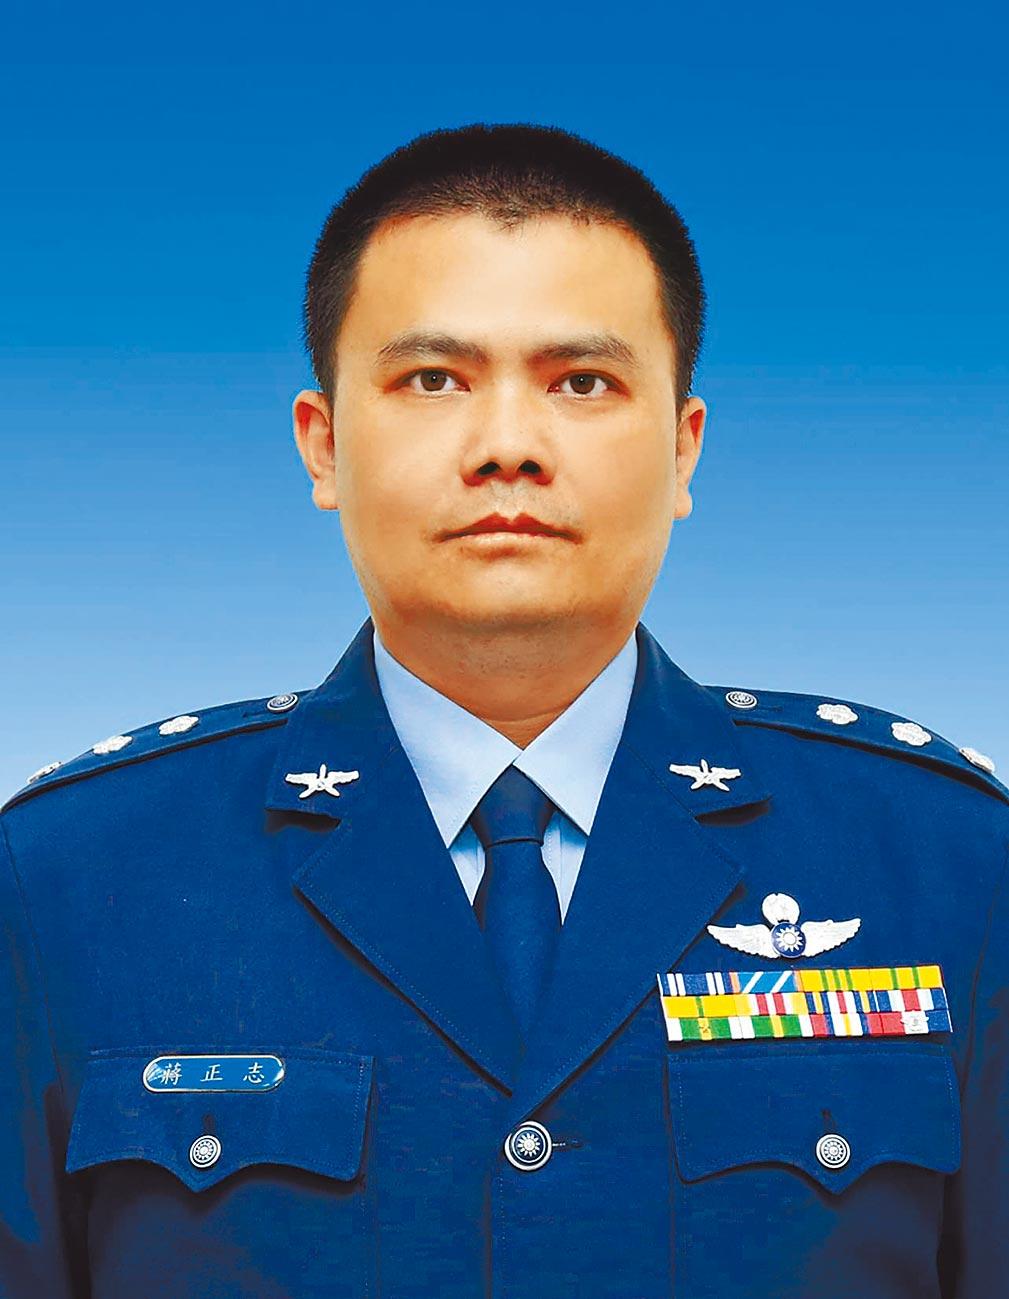 空軍司令部17日表示,空軍已成立應變中心,全力搜救飛行官蔣正志上校。(中華民國空軍提供)